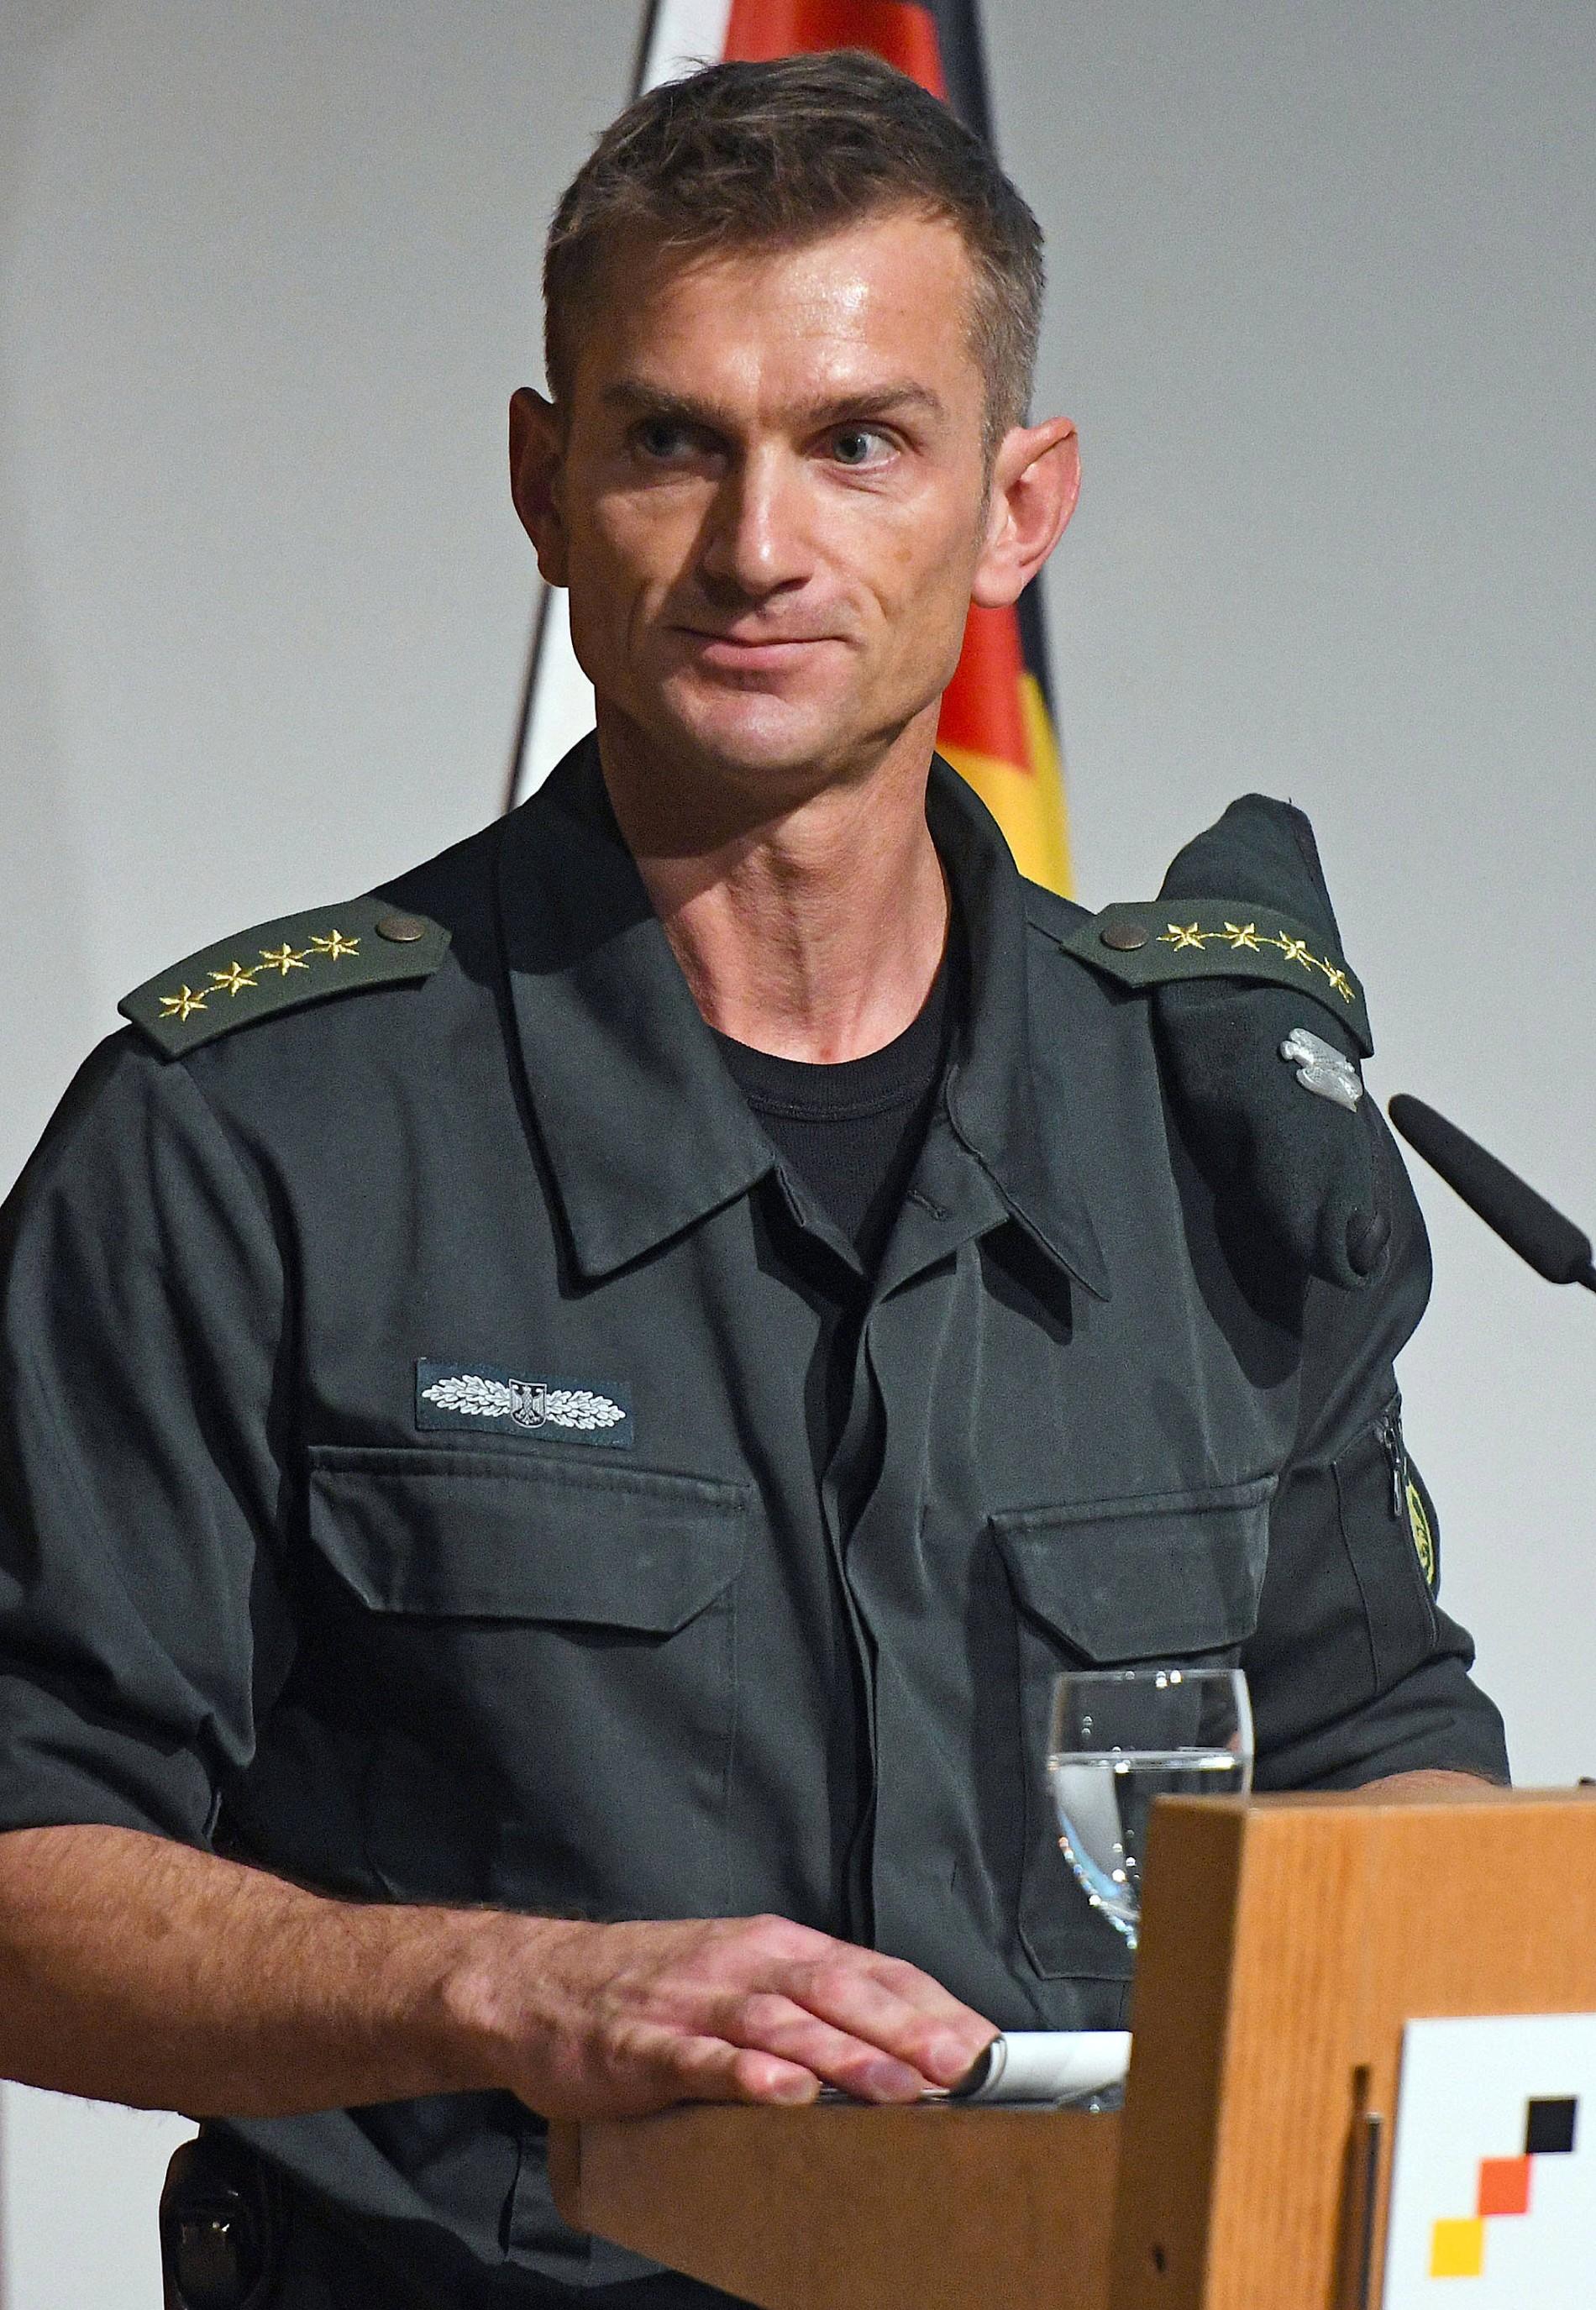 Die Deutsche Polizei Gsg 9 Verbrechen Gesellschaft 11